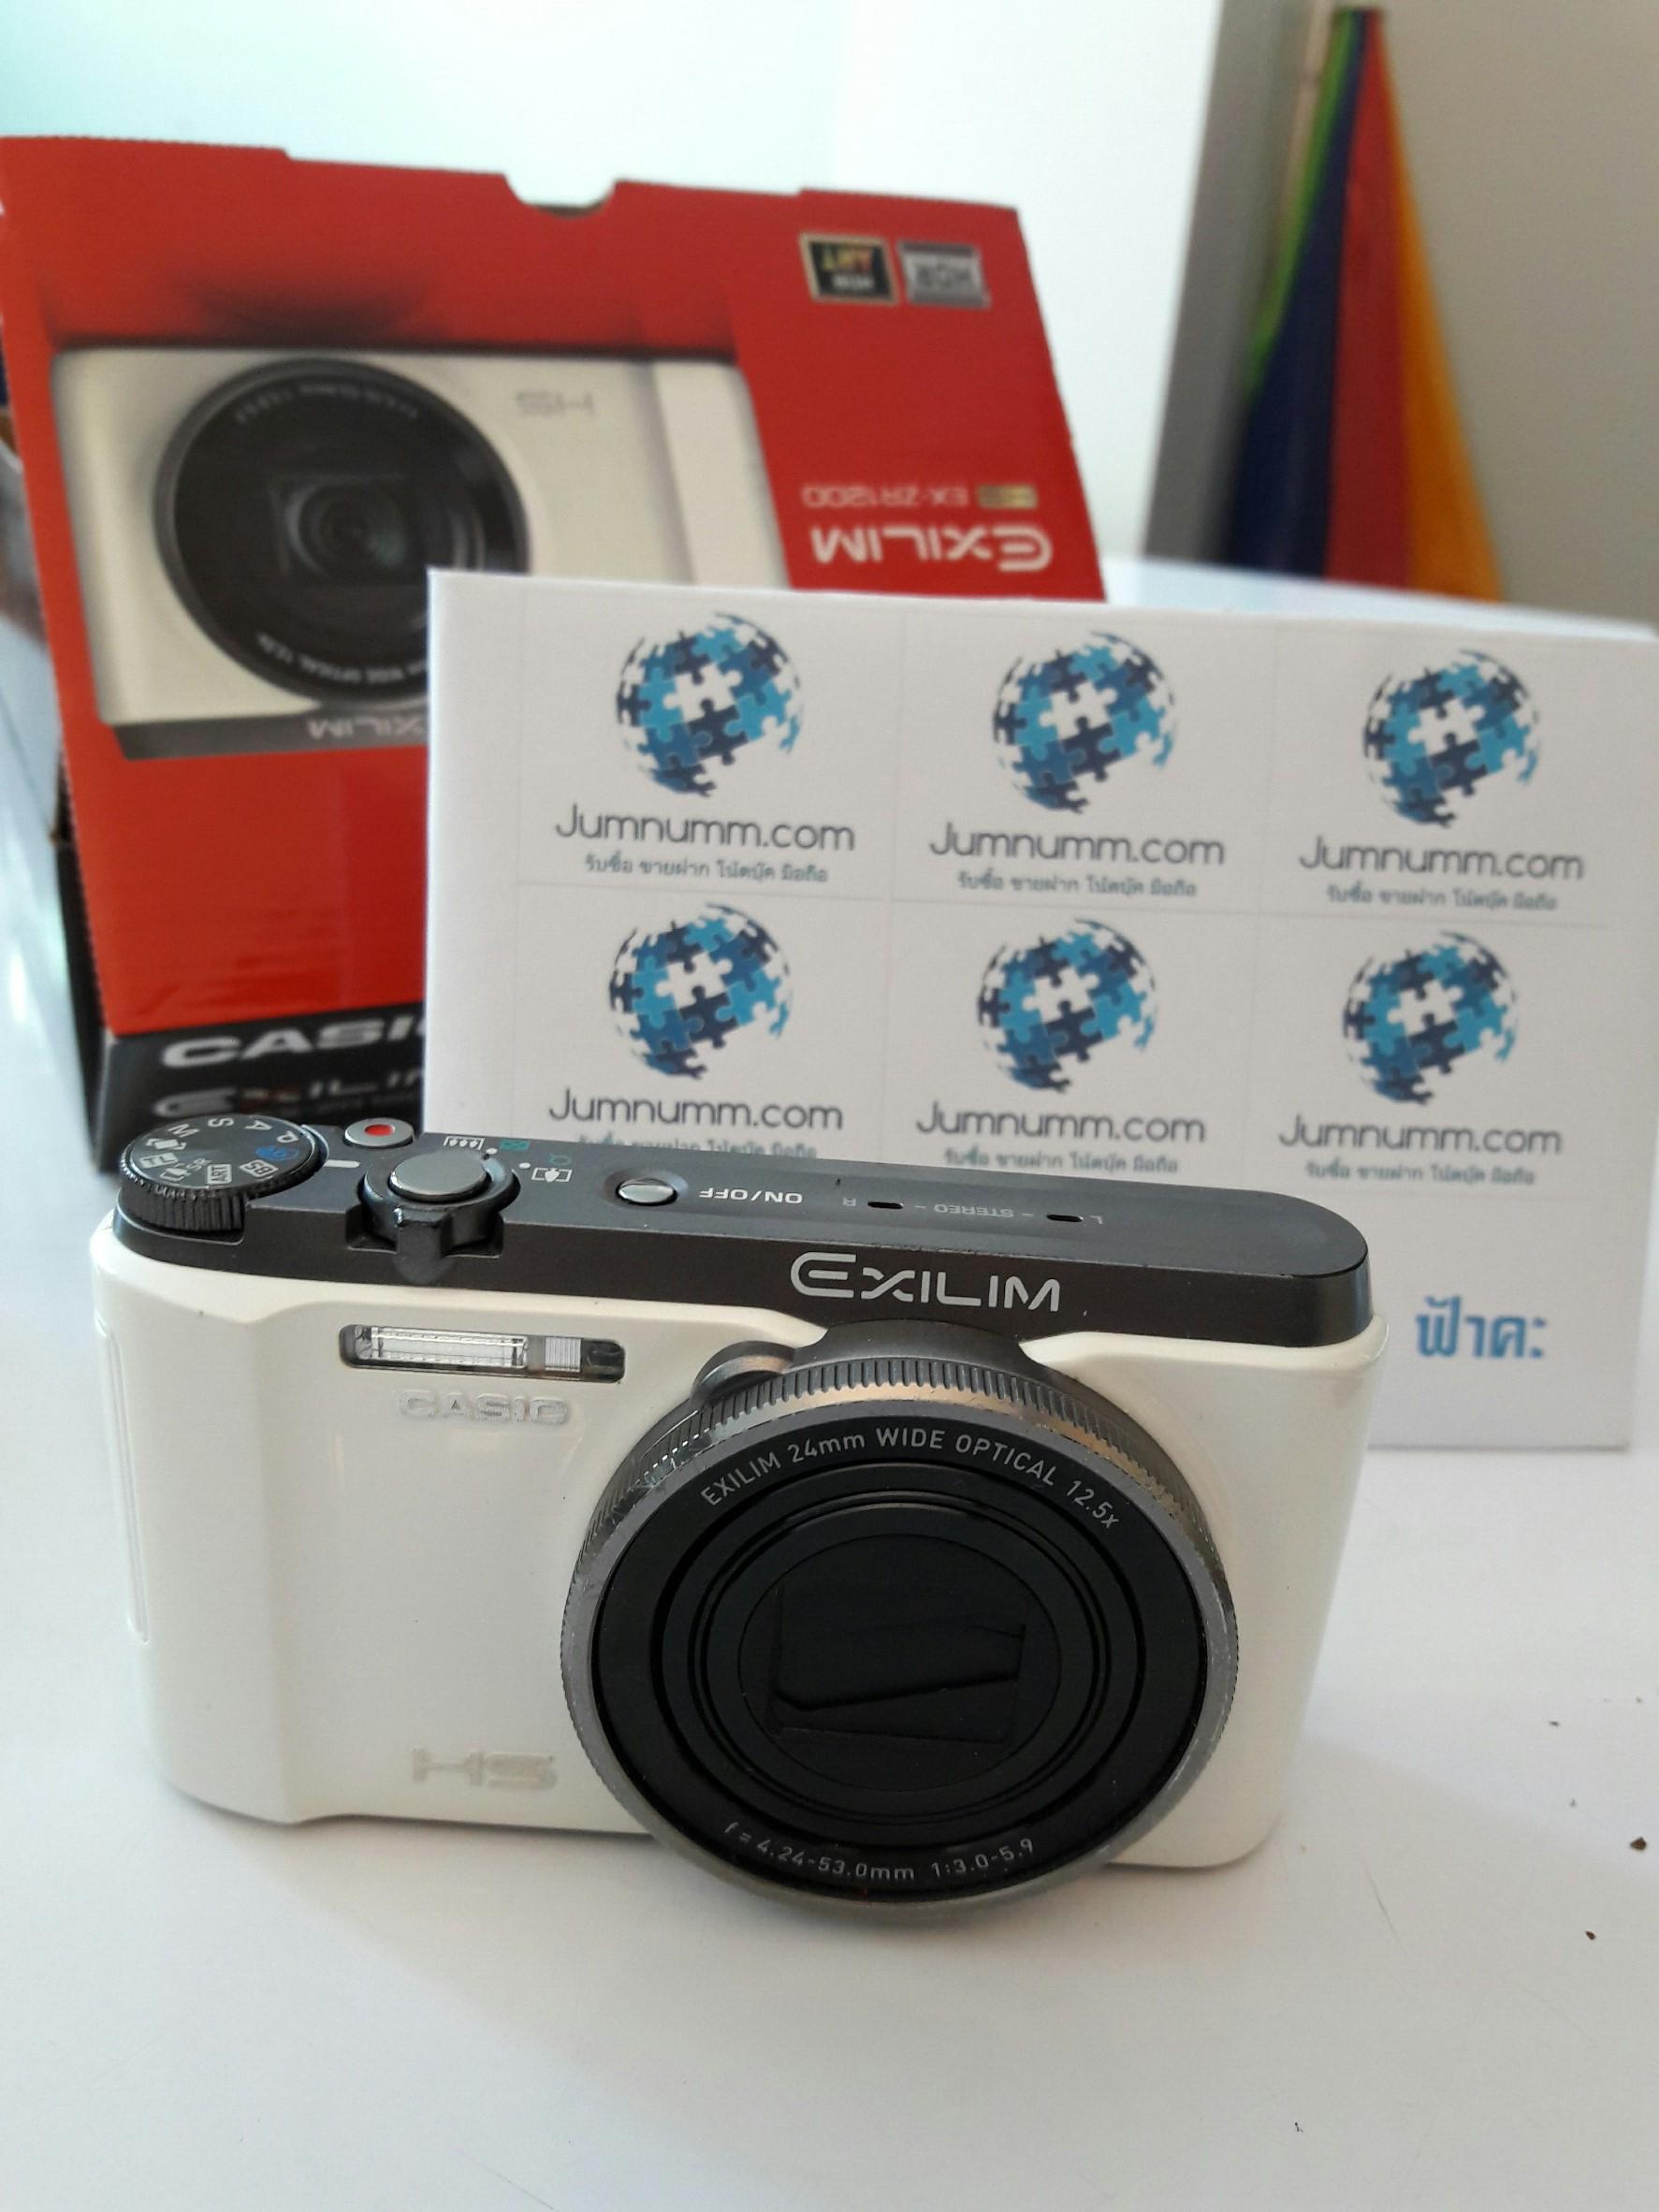 ขายกล้องฟรุ้งฟริ้ง Casio Zr1200 (มือ2) สภาพ 95%